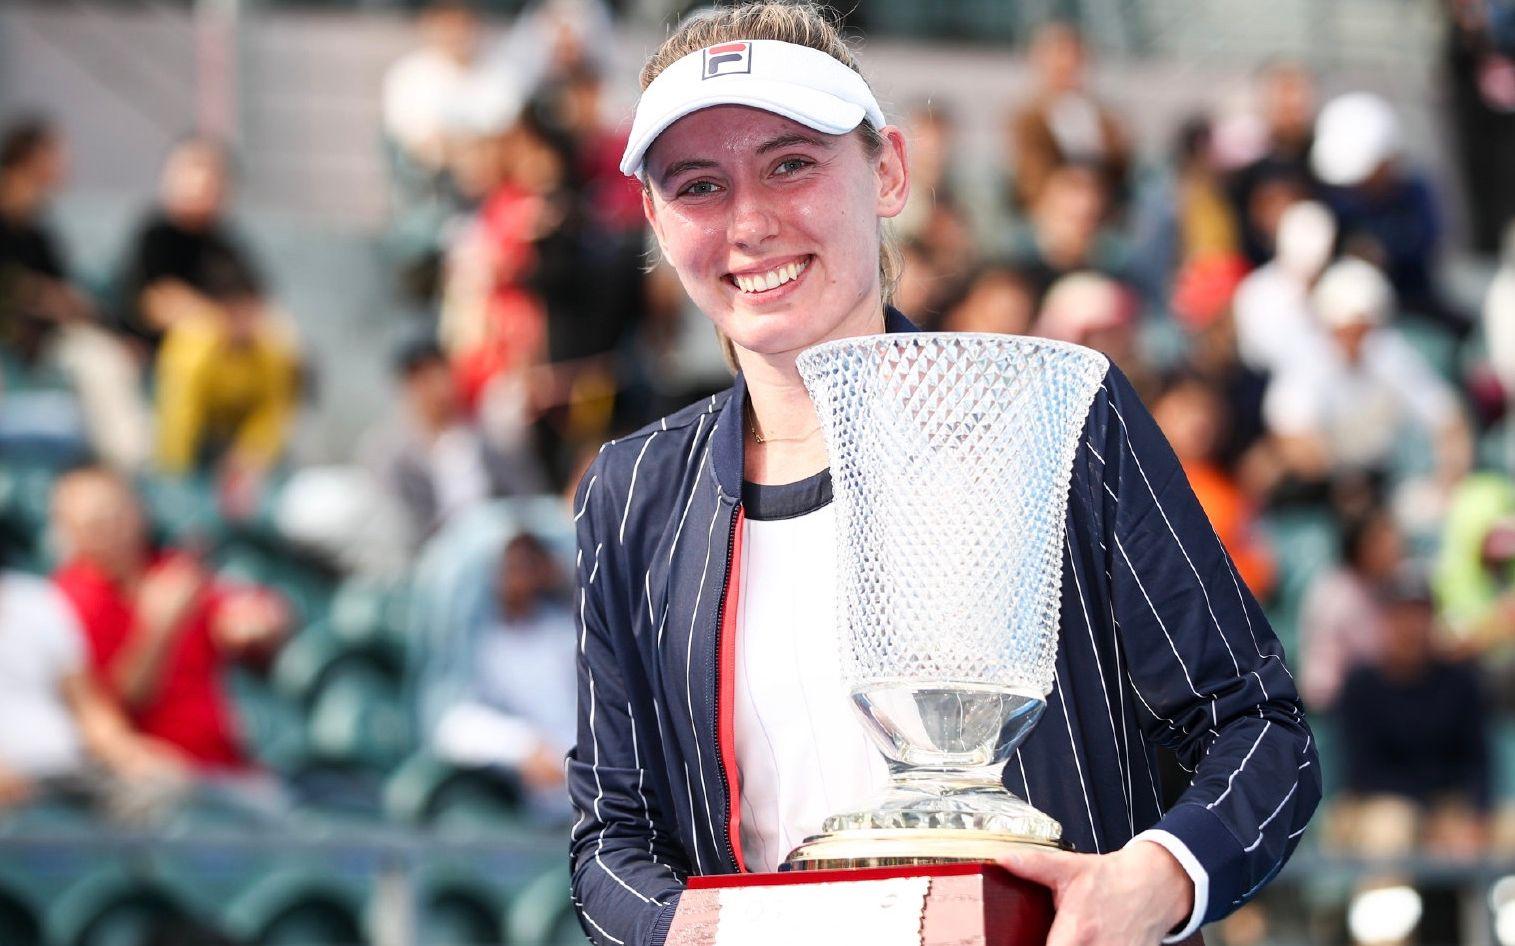 俄羅斯美女亞歷山德洛娃拿下WTA賽季首冠圖片